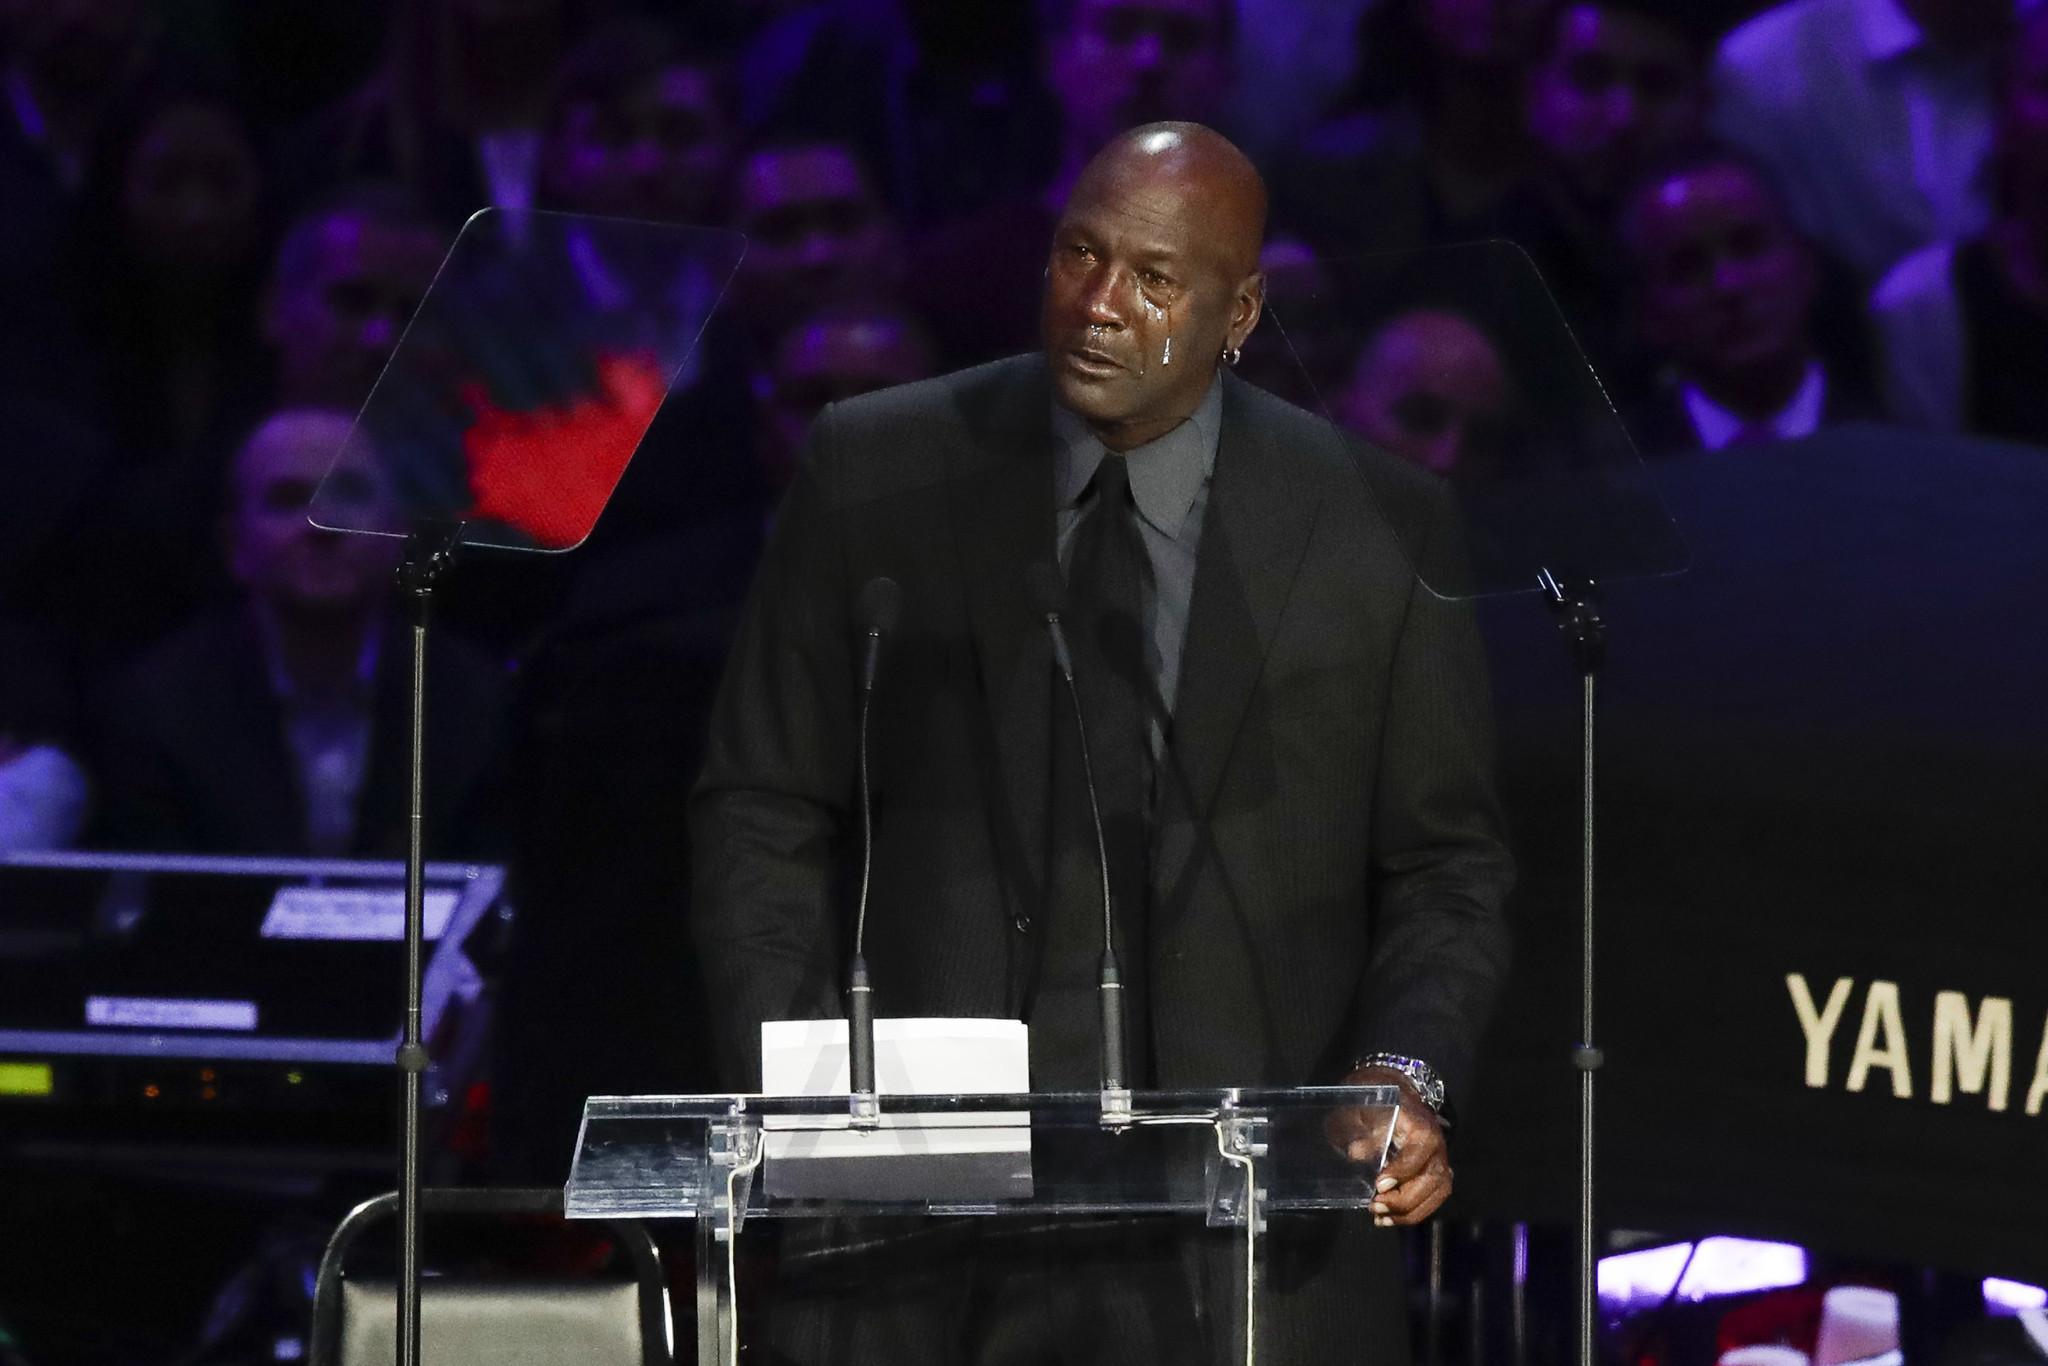 Michael Jordan breaks down at Kobe Bryant memorial, laments generating 'another crying meme'